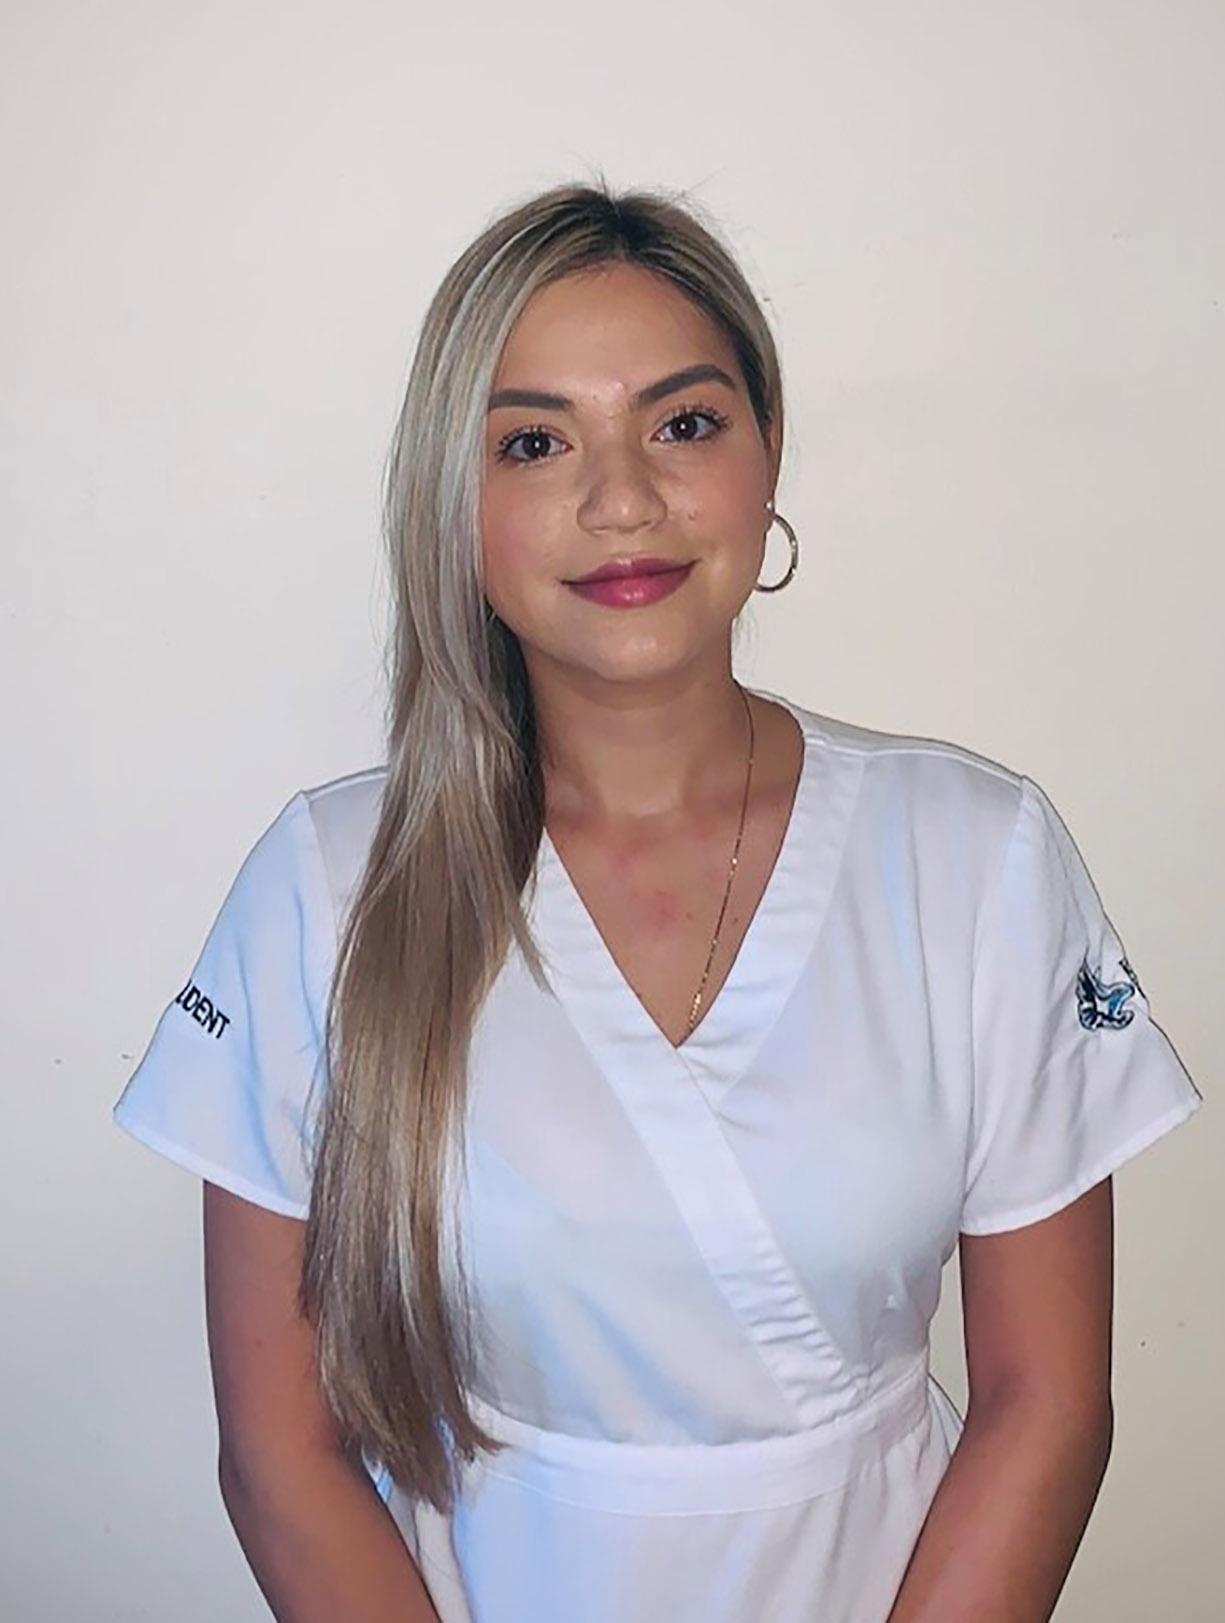 Keiser University Nursing Student Rolls Up Sleeves for Hands-On Learning